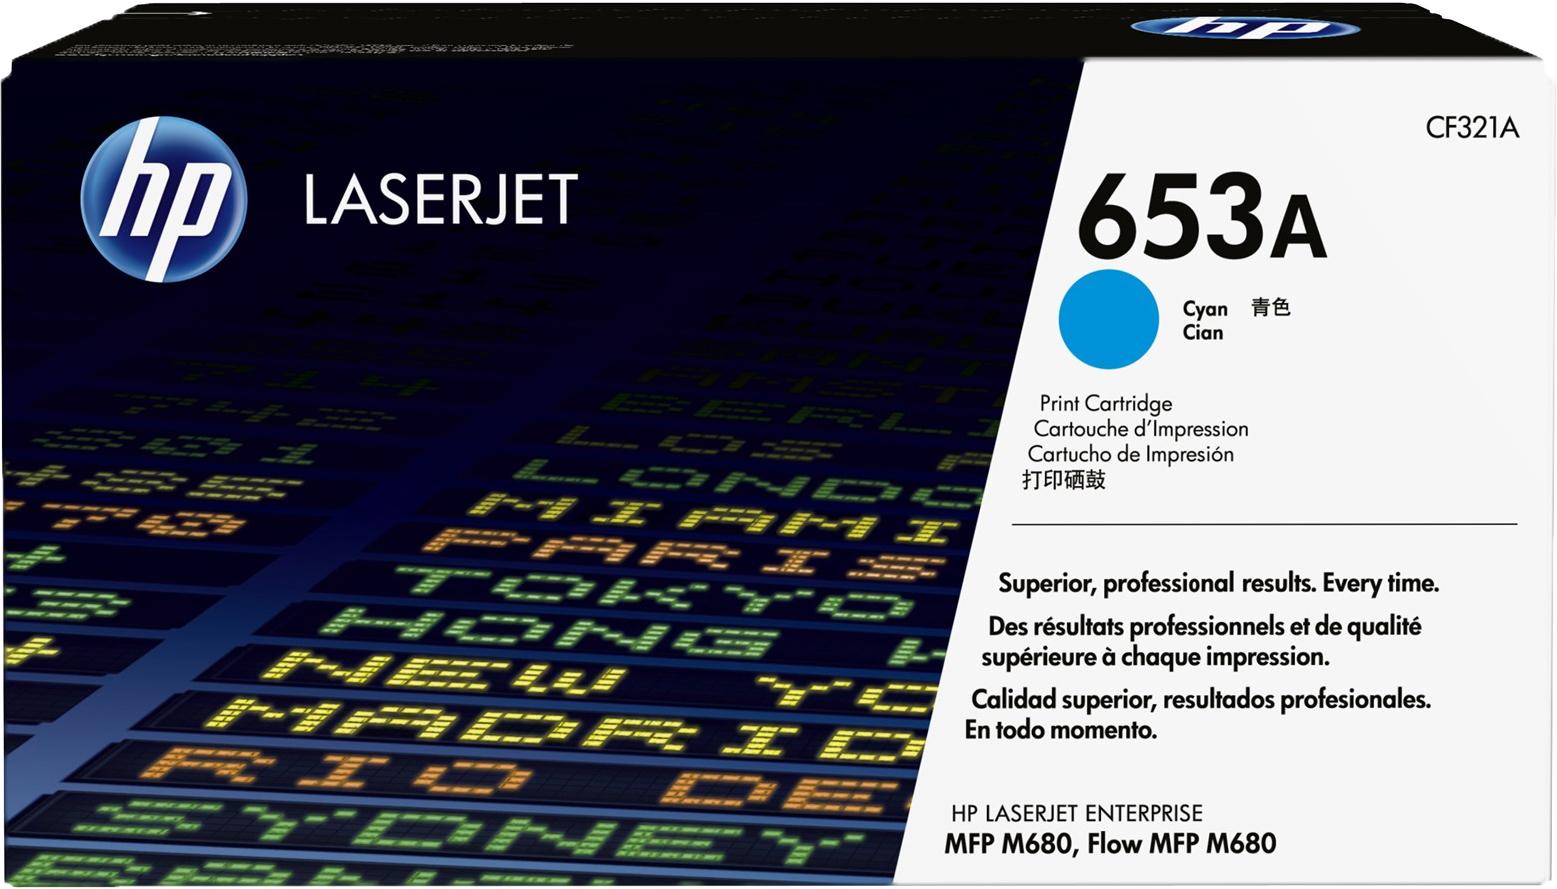 Картридж HP 653A, голубой, для лазерного принтера, оригинал